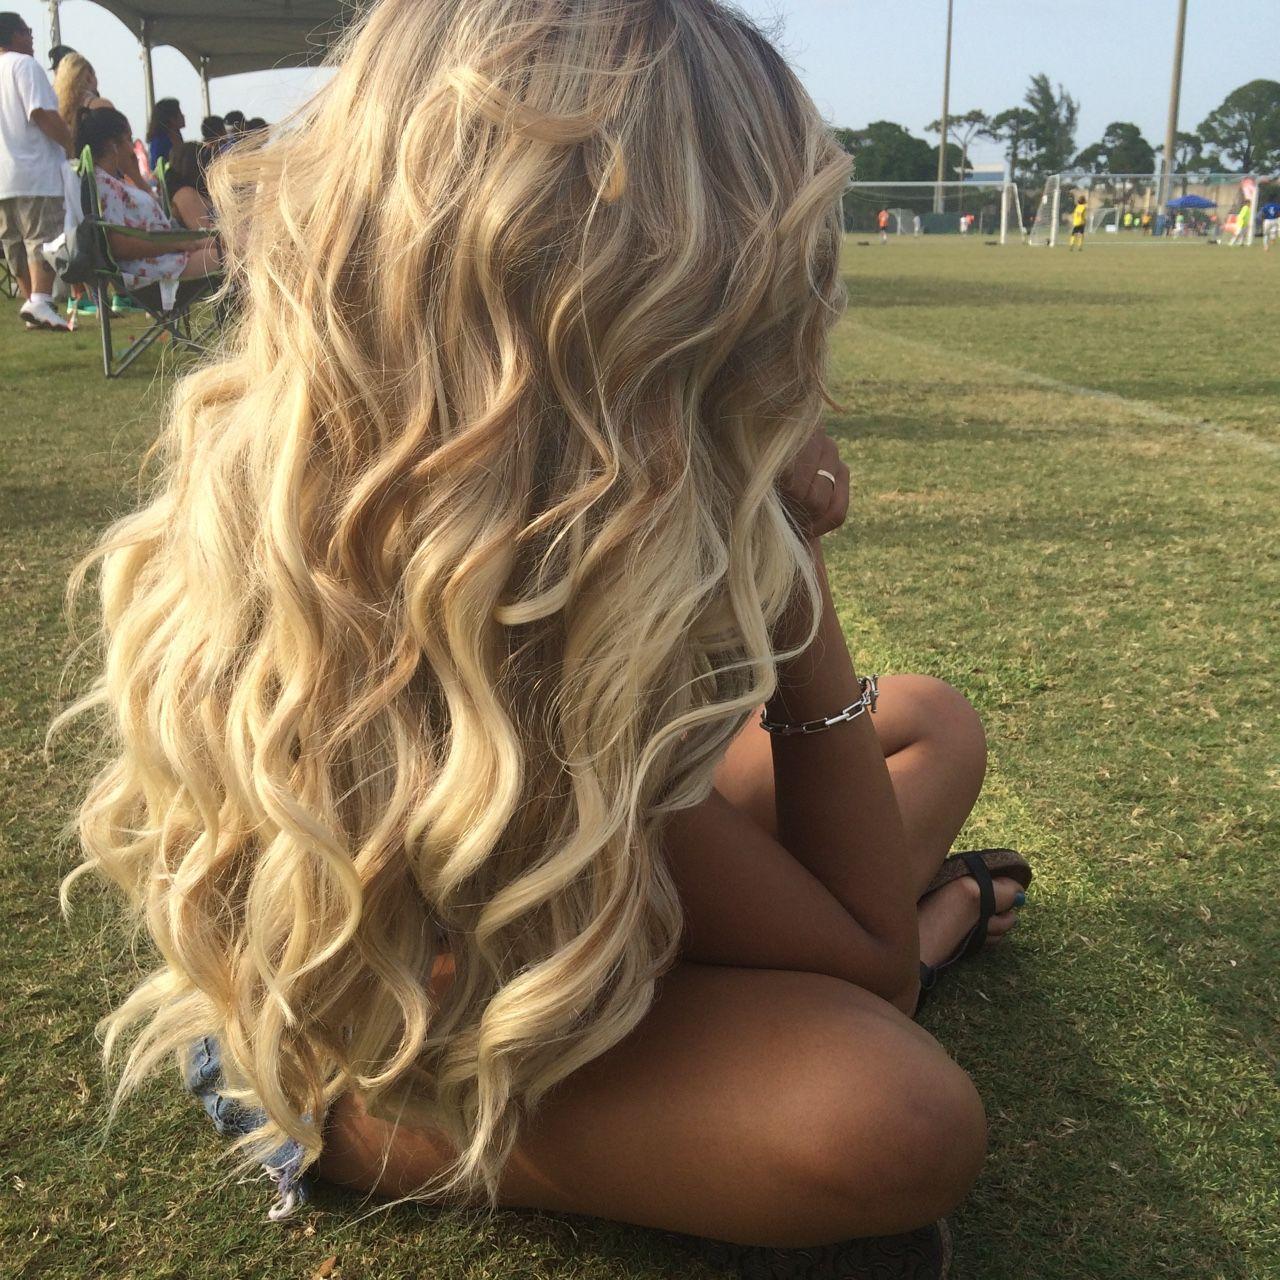 девушка с длинными светлыми волосами сзади смочила пальчик